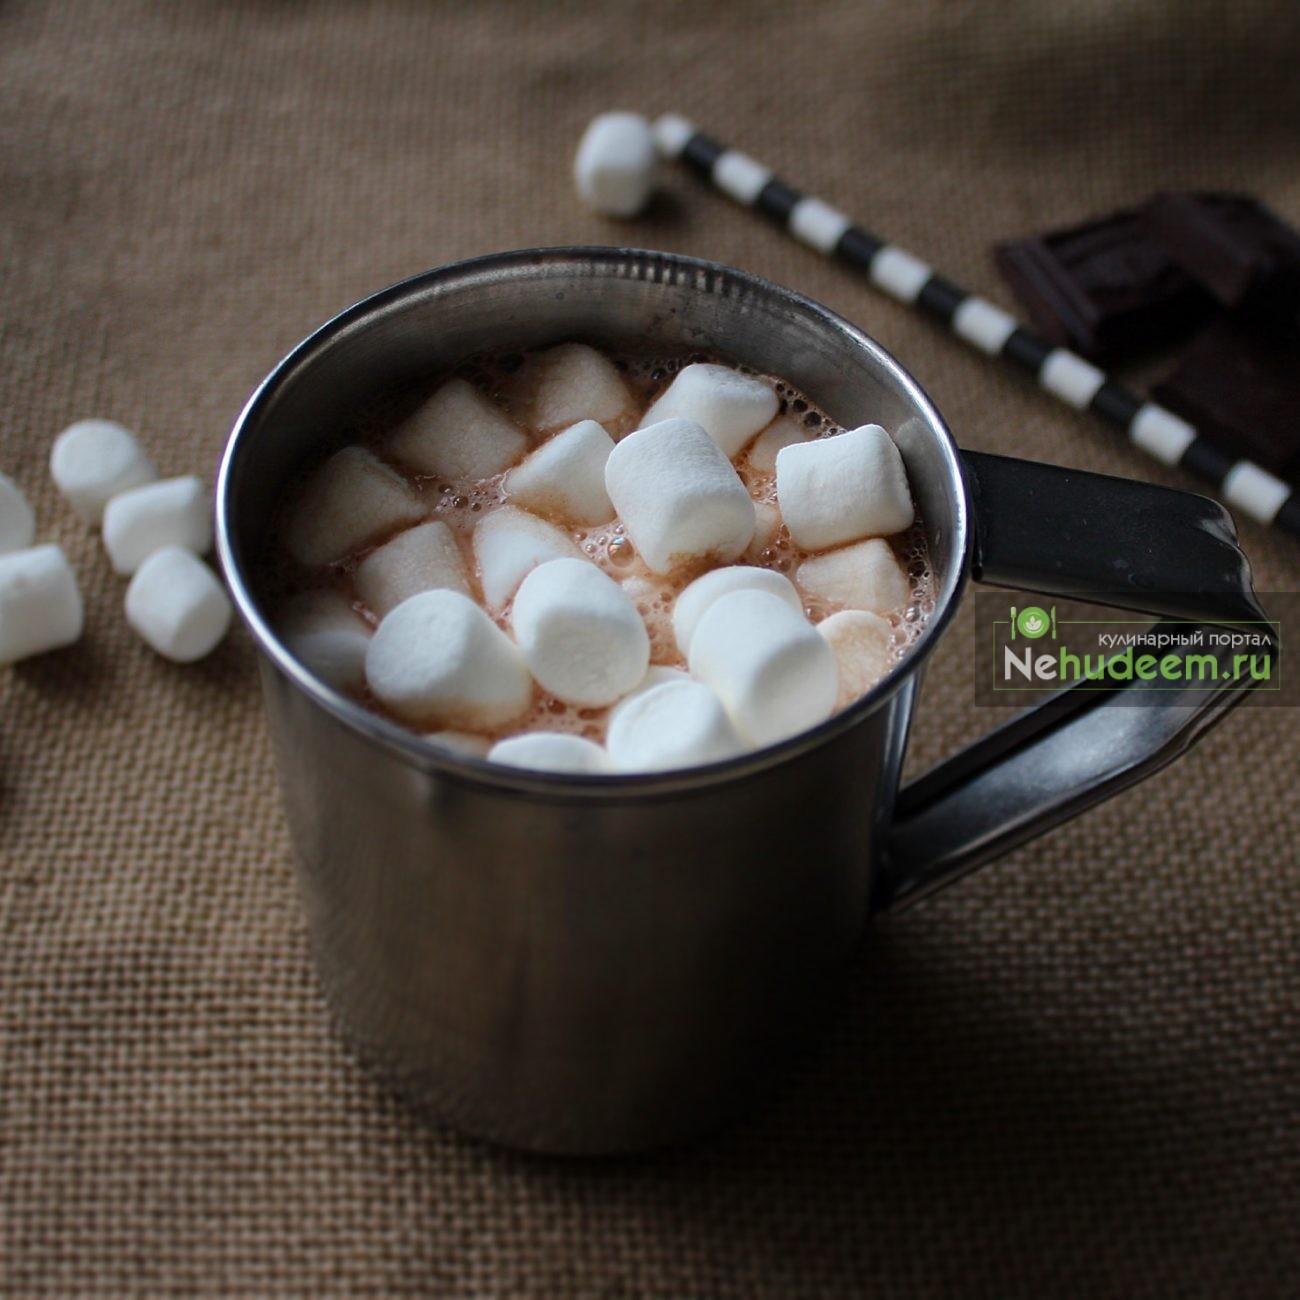 Какао с маршеллоу